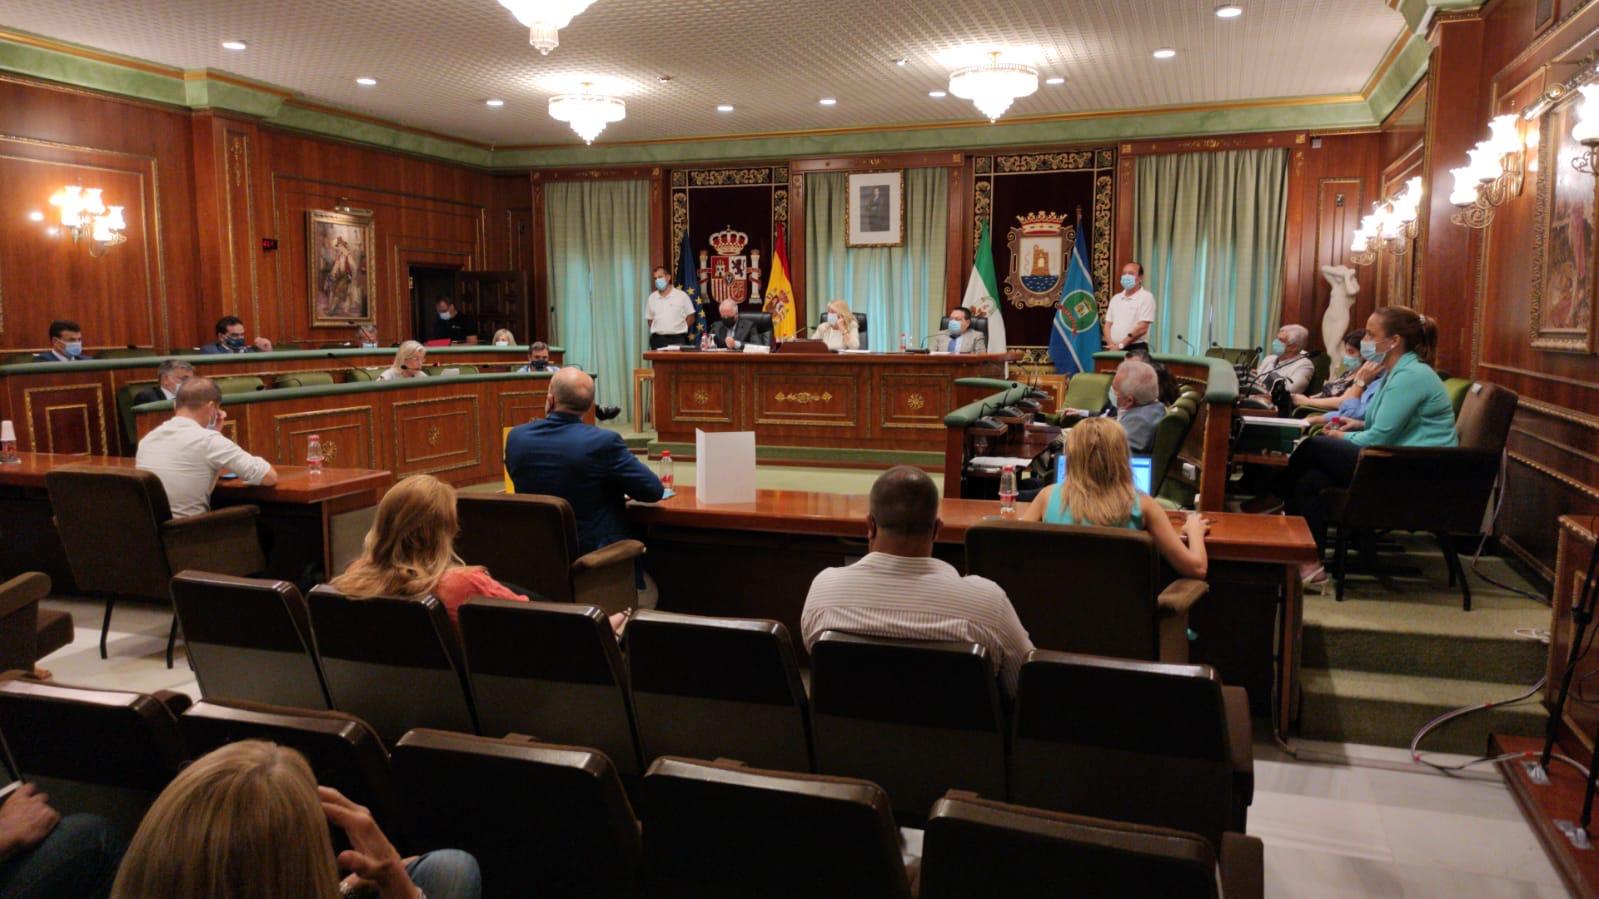 Arranca la tramitación del futuro PGOU de Marbella tras la aprobación por unanimidad del avance del documento FOTO: RTVM